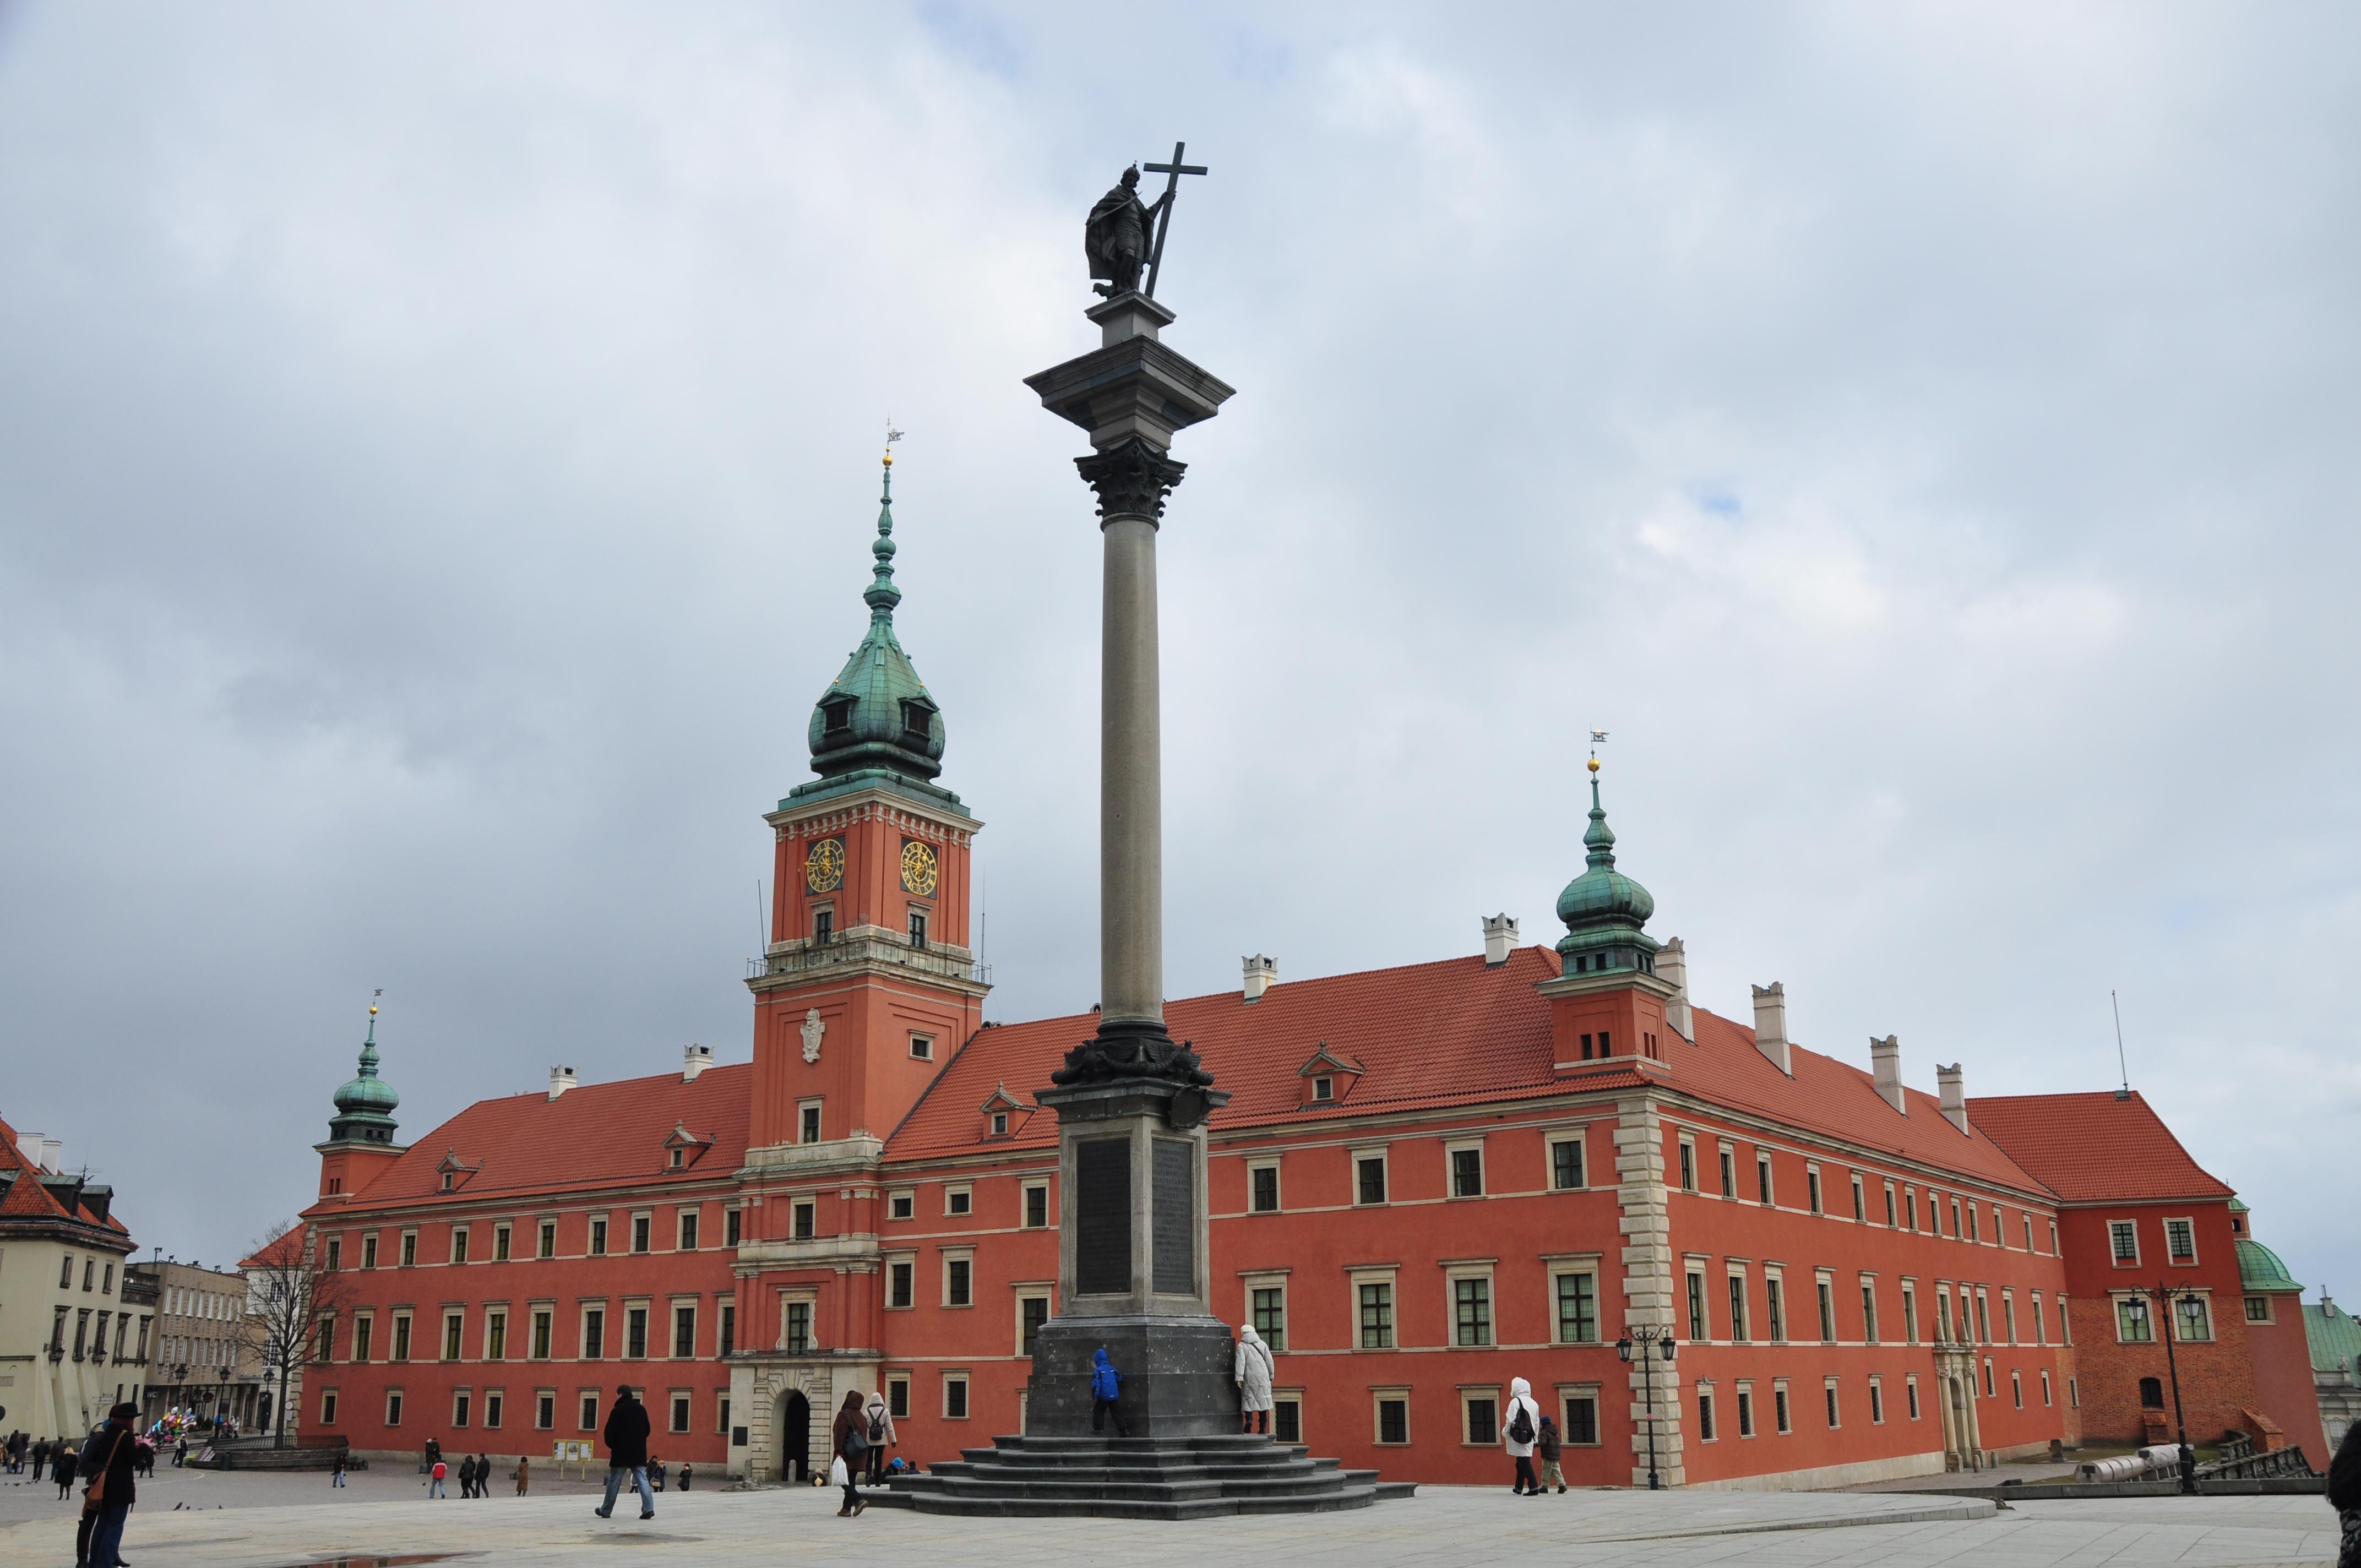 File:Warszawa - Zamek Królewski.jpg - Wikimedia Commons